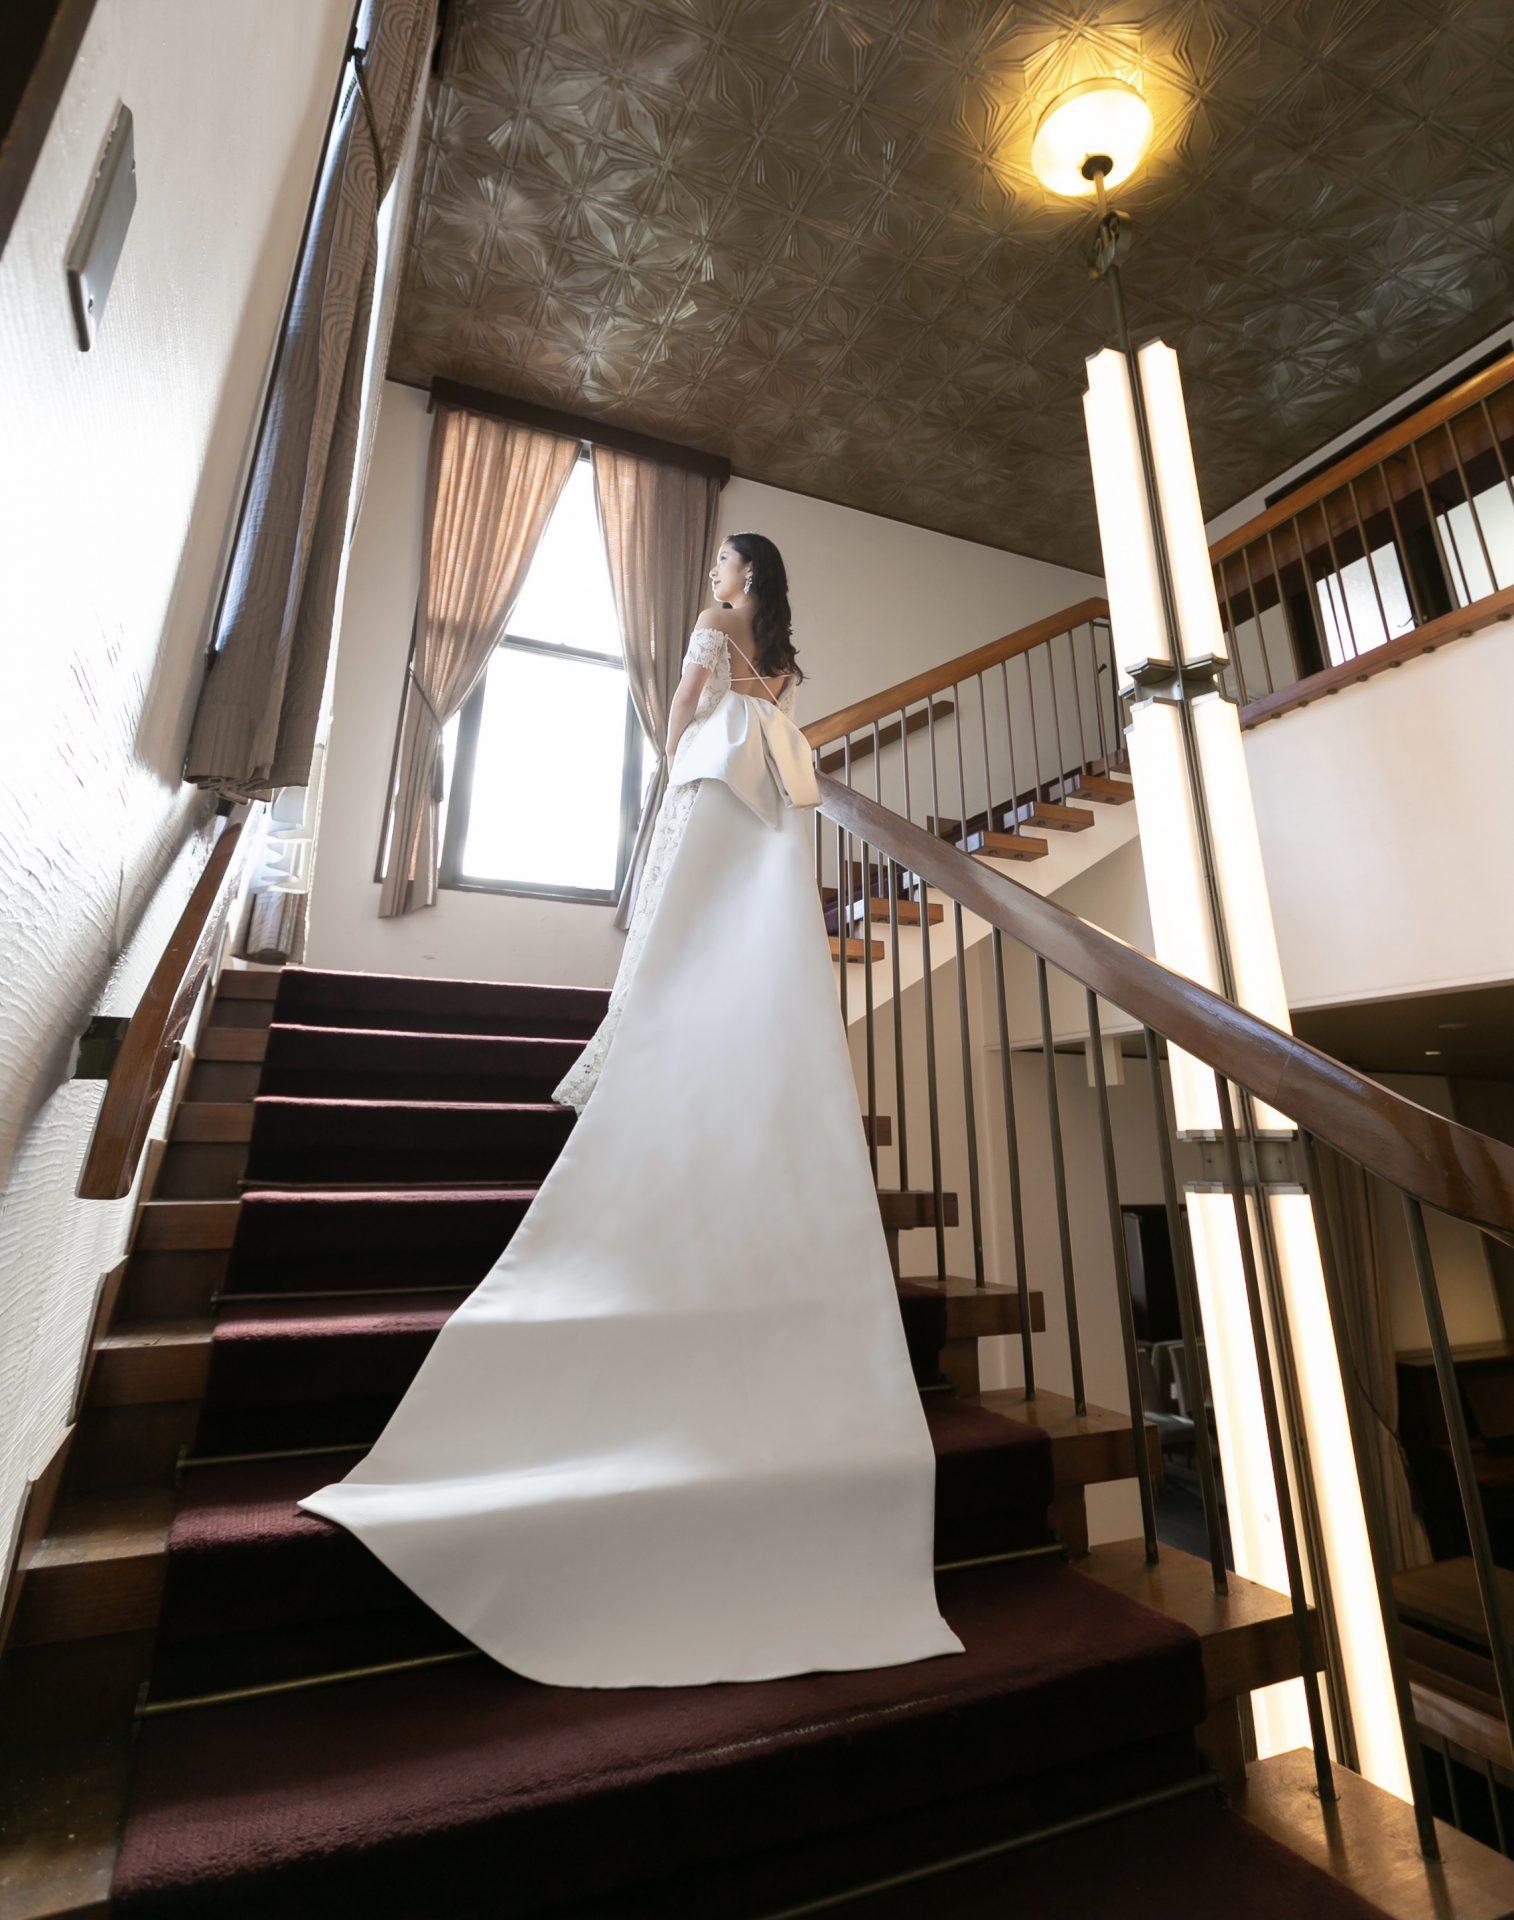 クラシックでエレガントな螺旋階段に映えるトレーンの長いクラシカルなウェディングドレス